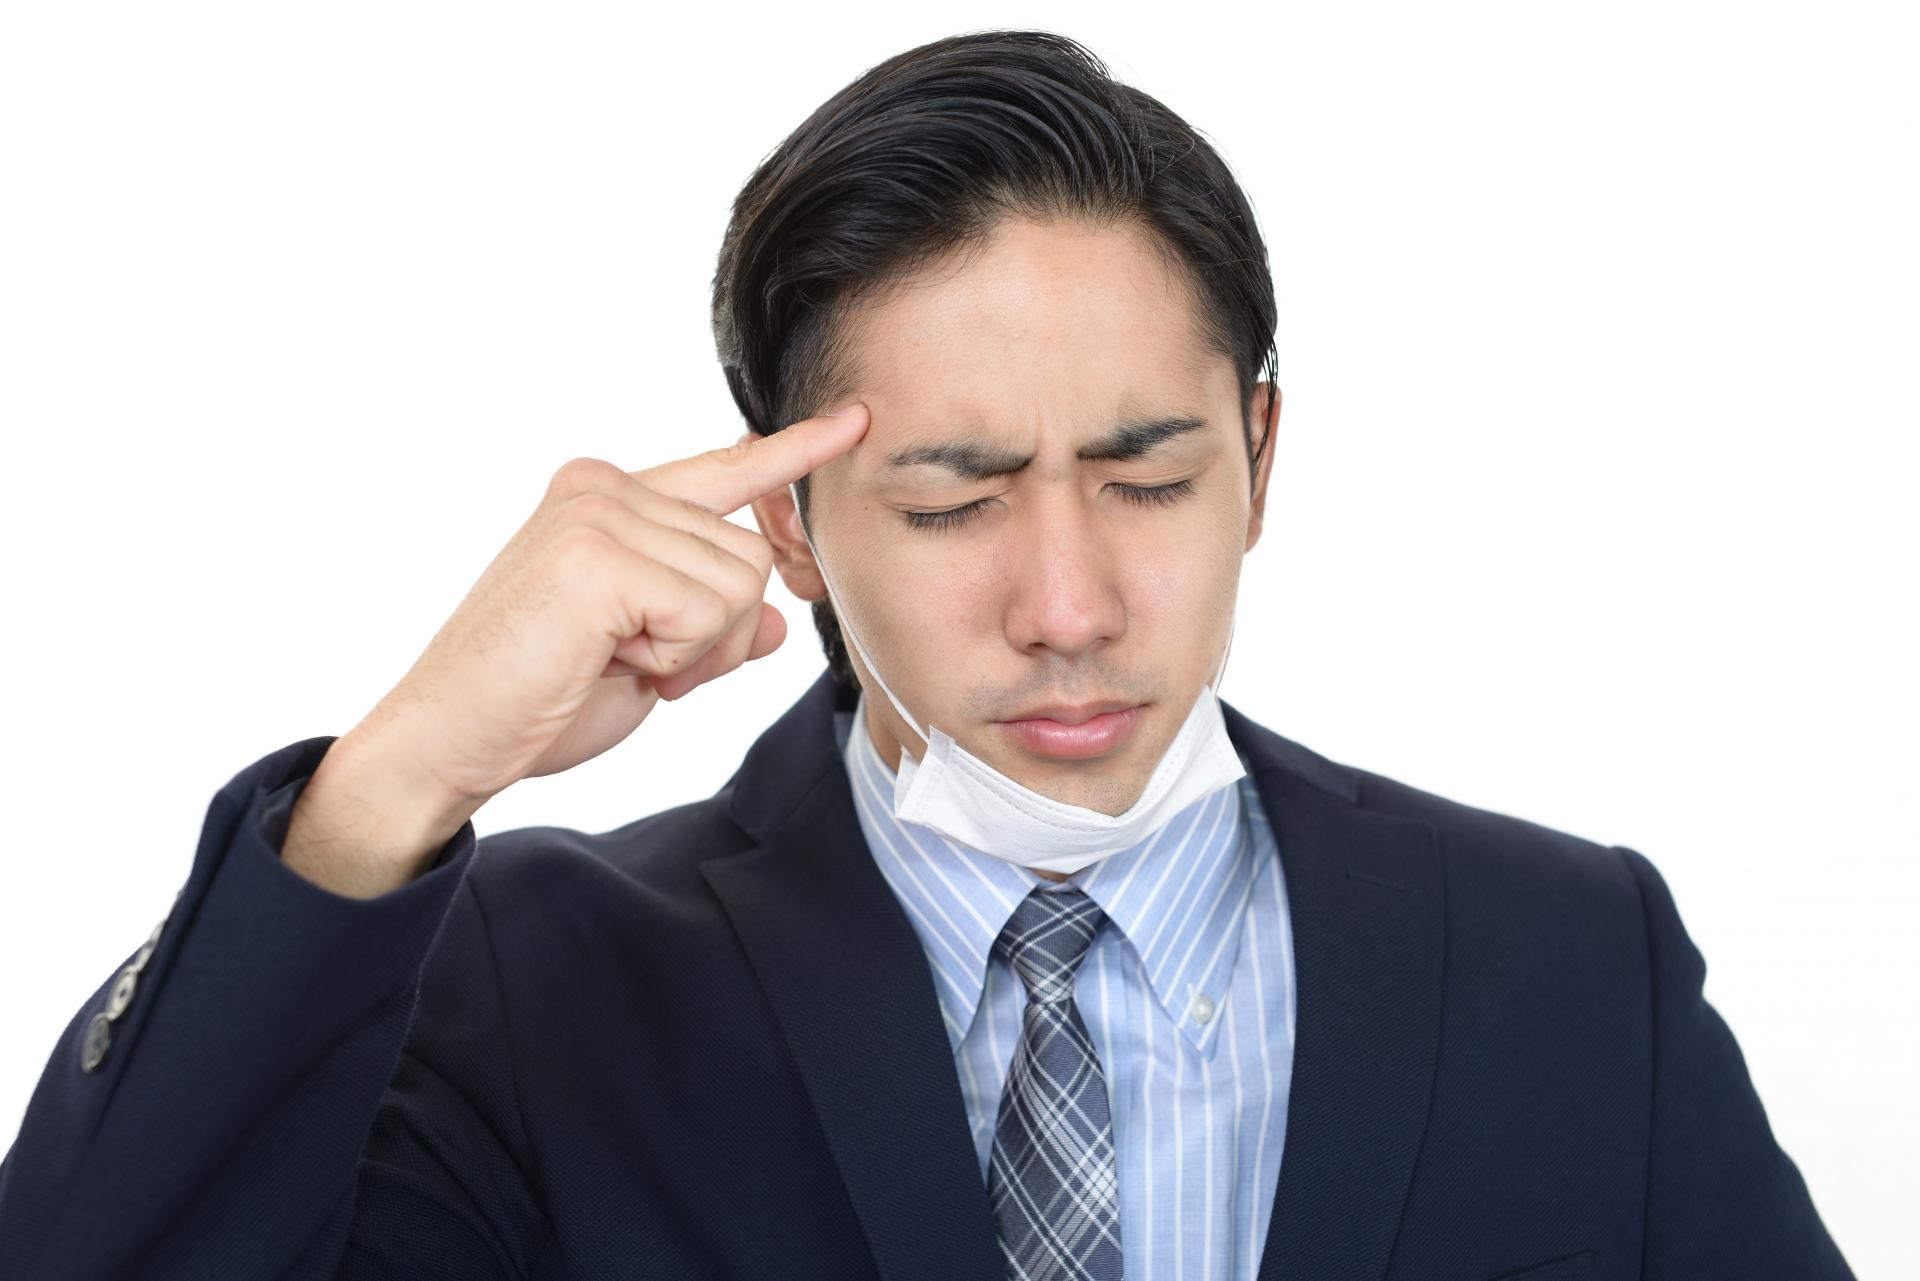 頭痛や睡眠不足でお困りの方へ